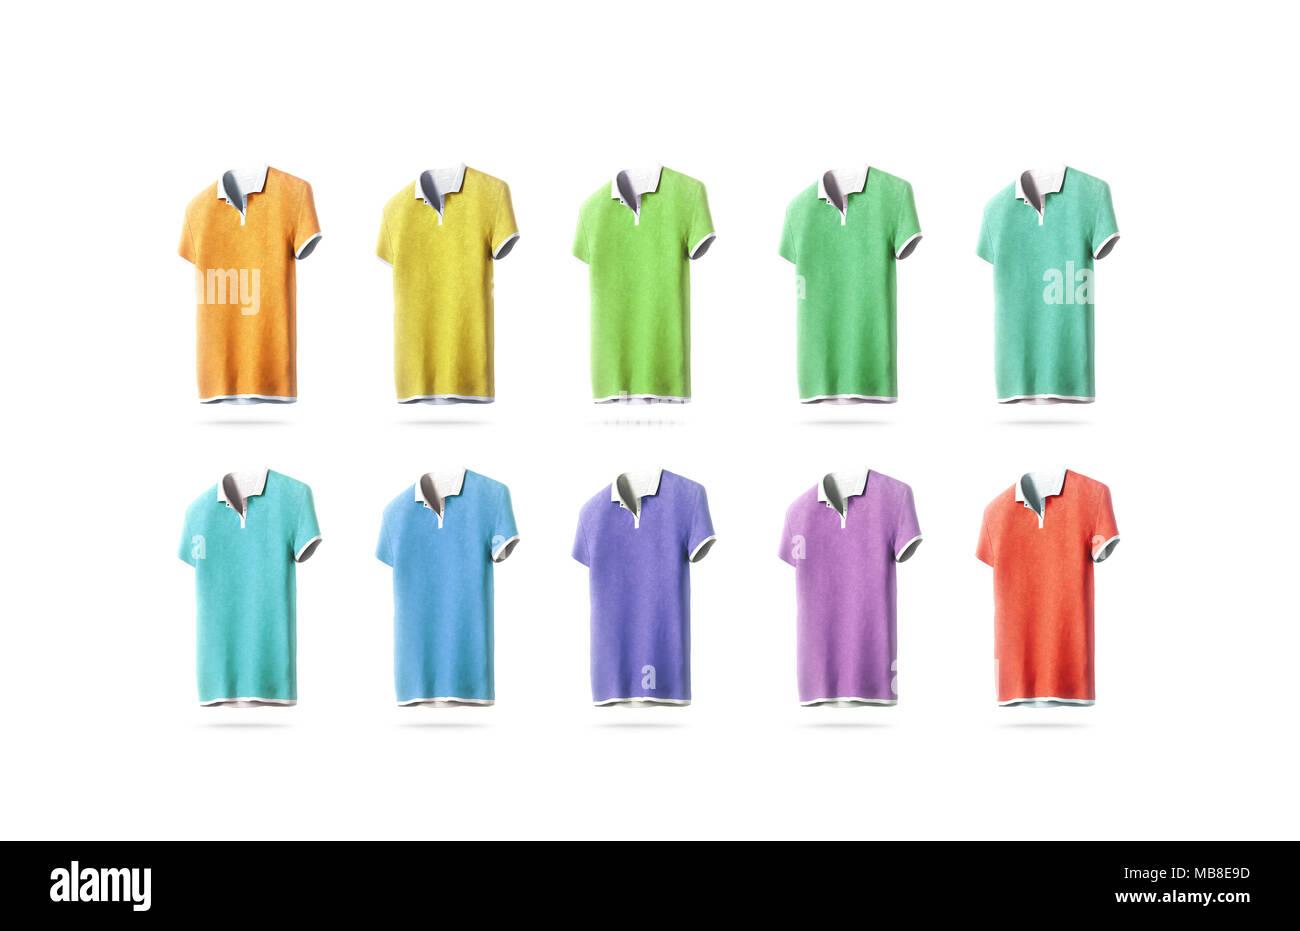 Tolle T Shirts Design Vorlagen Fotos - Beispiel Wiederaufnahme ...